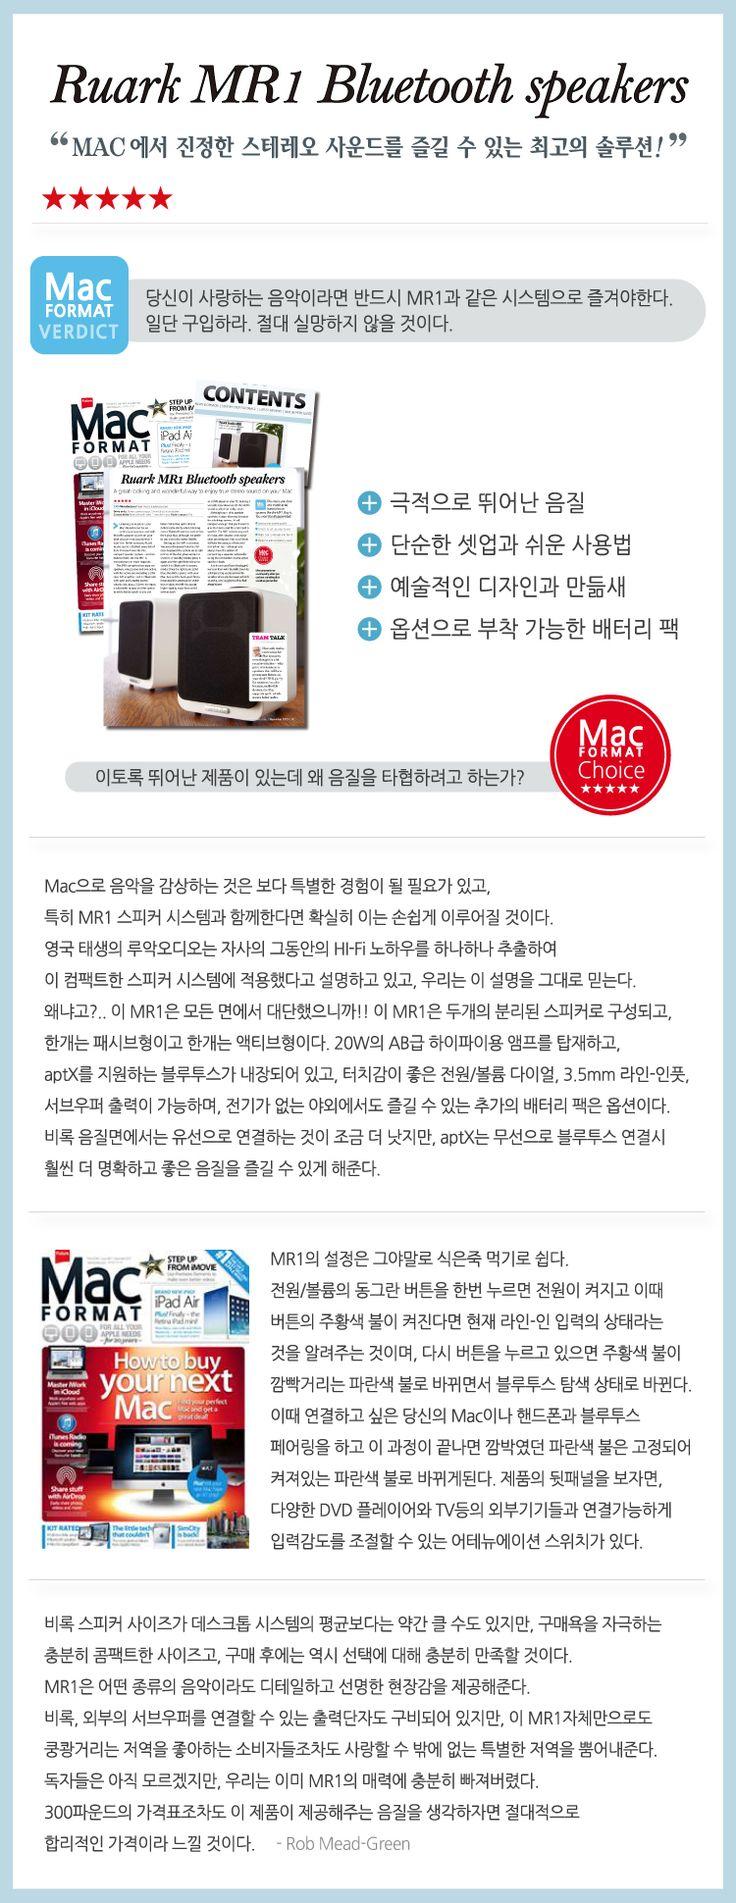 Ruark MR1 Bluetooth speakers www.delfin.co.kr